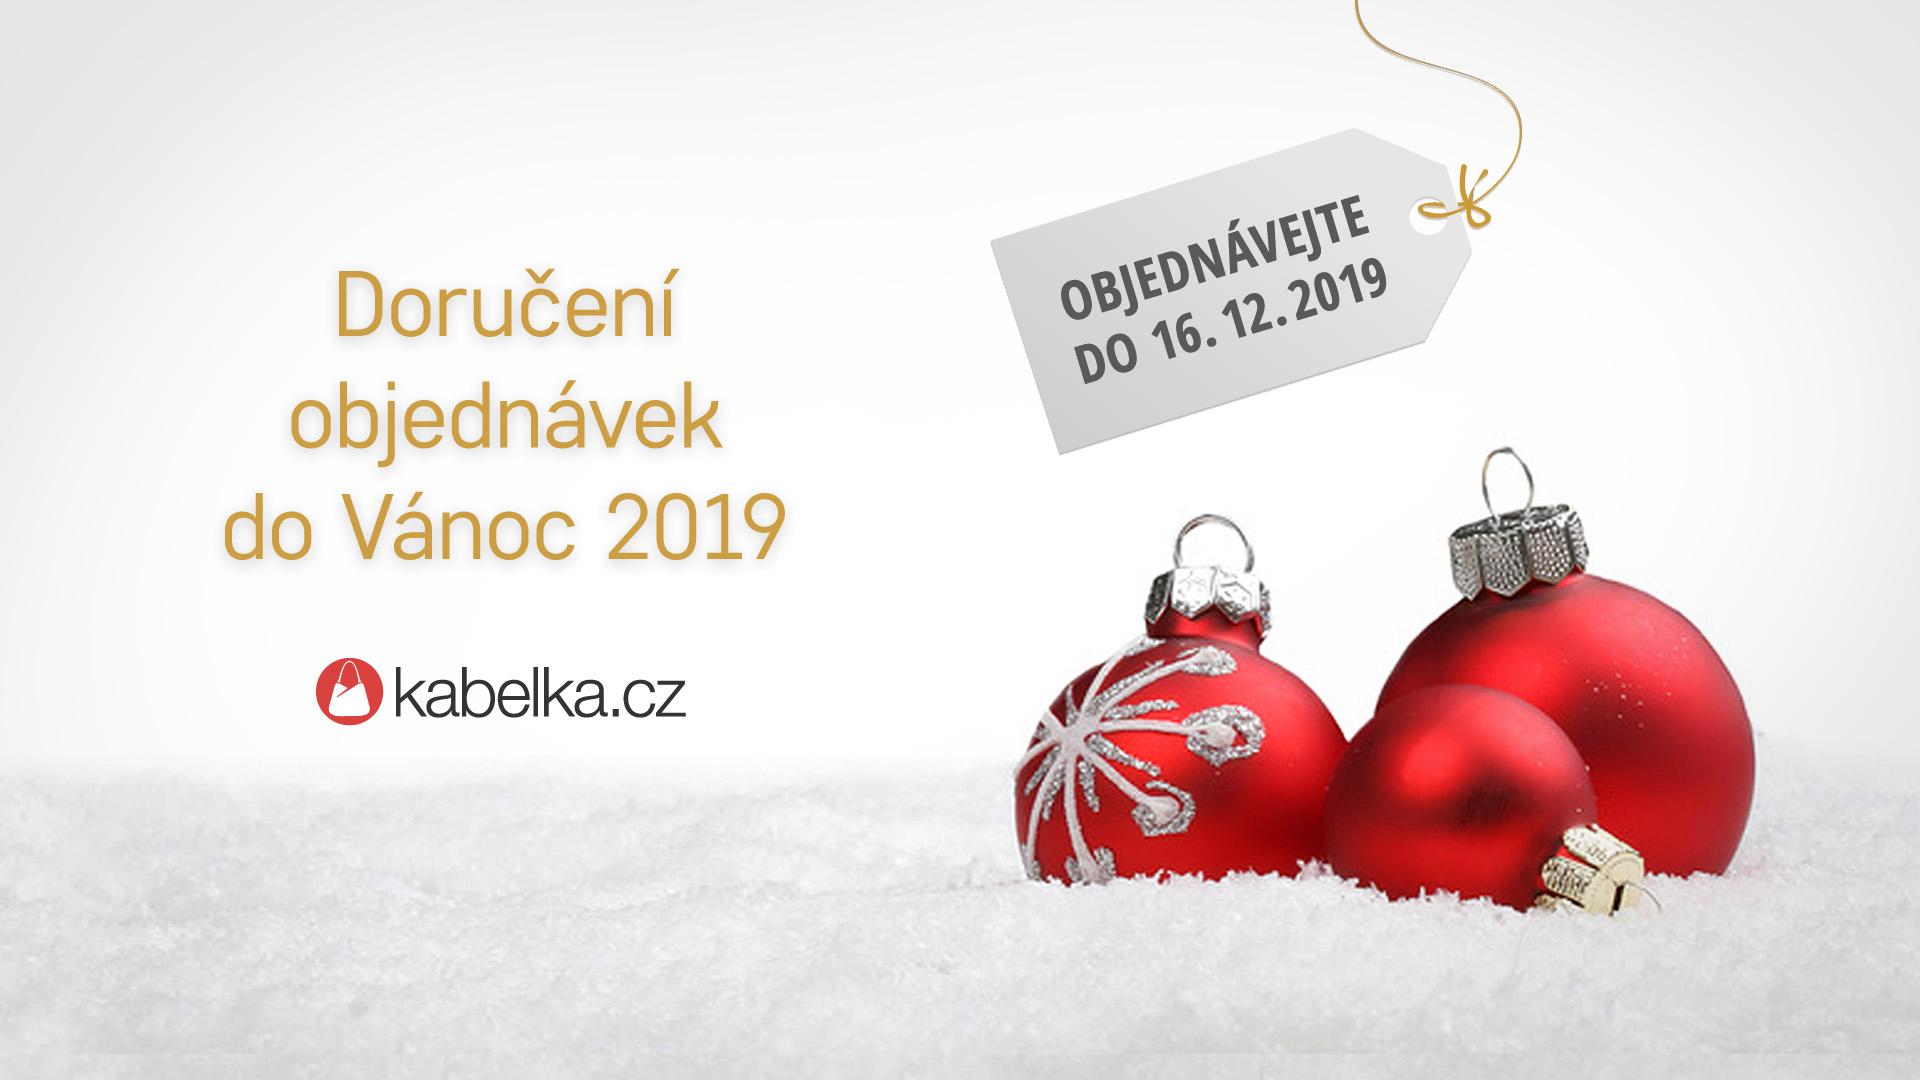 Doručení do Vánoc - na Kabelka.cz